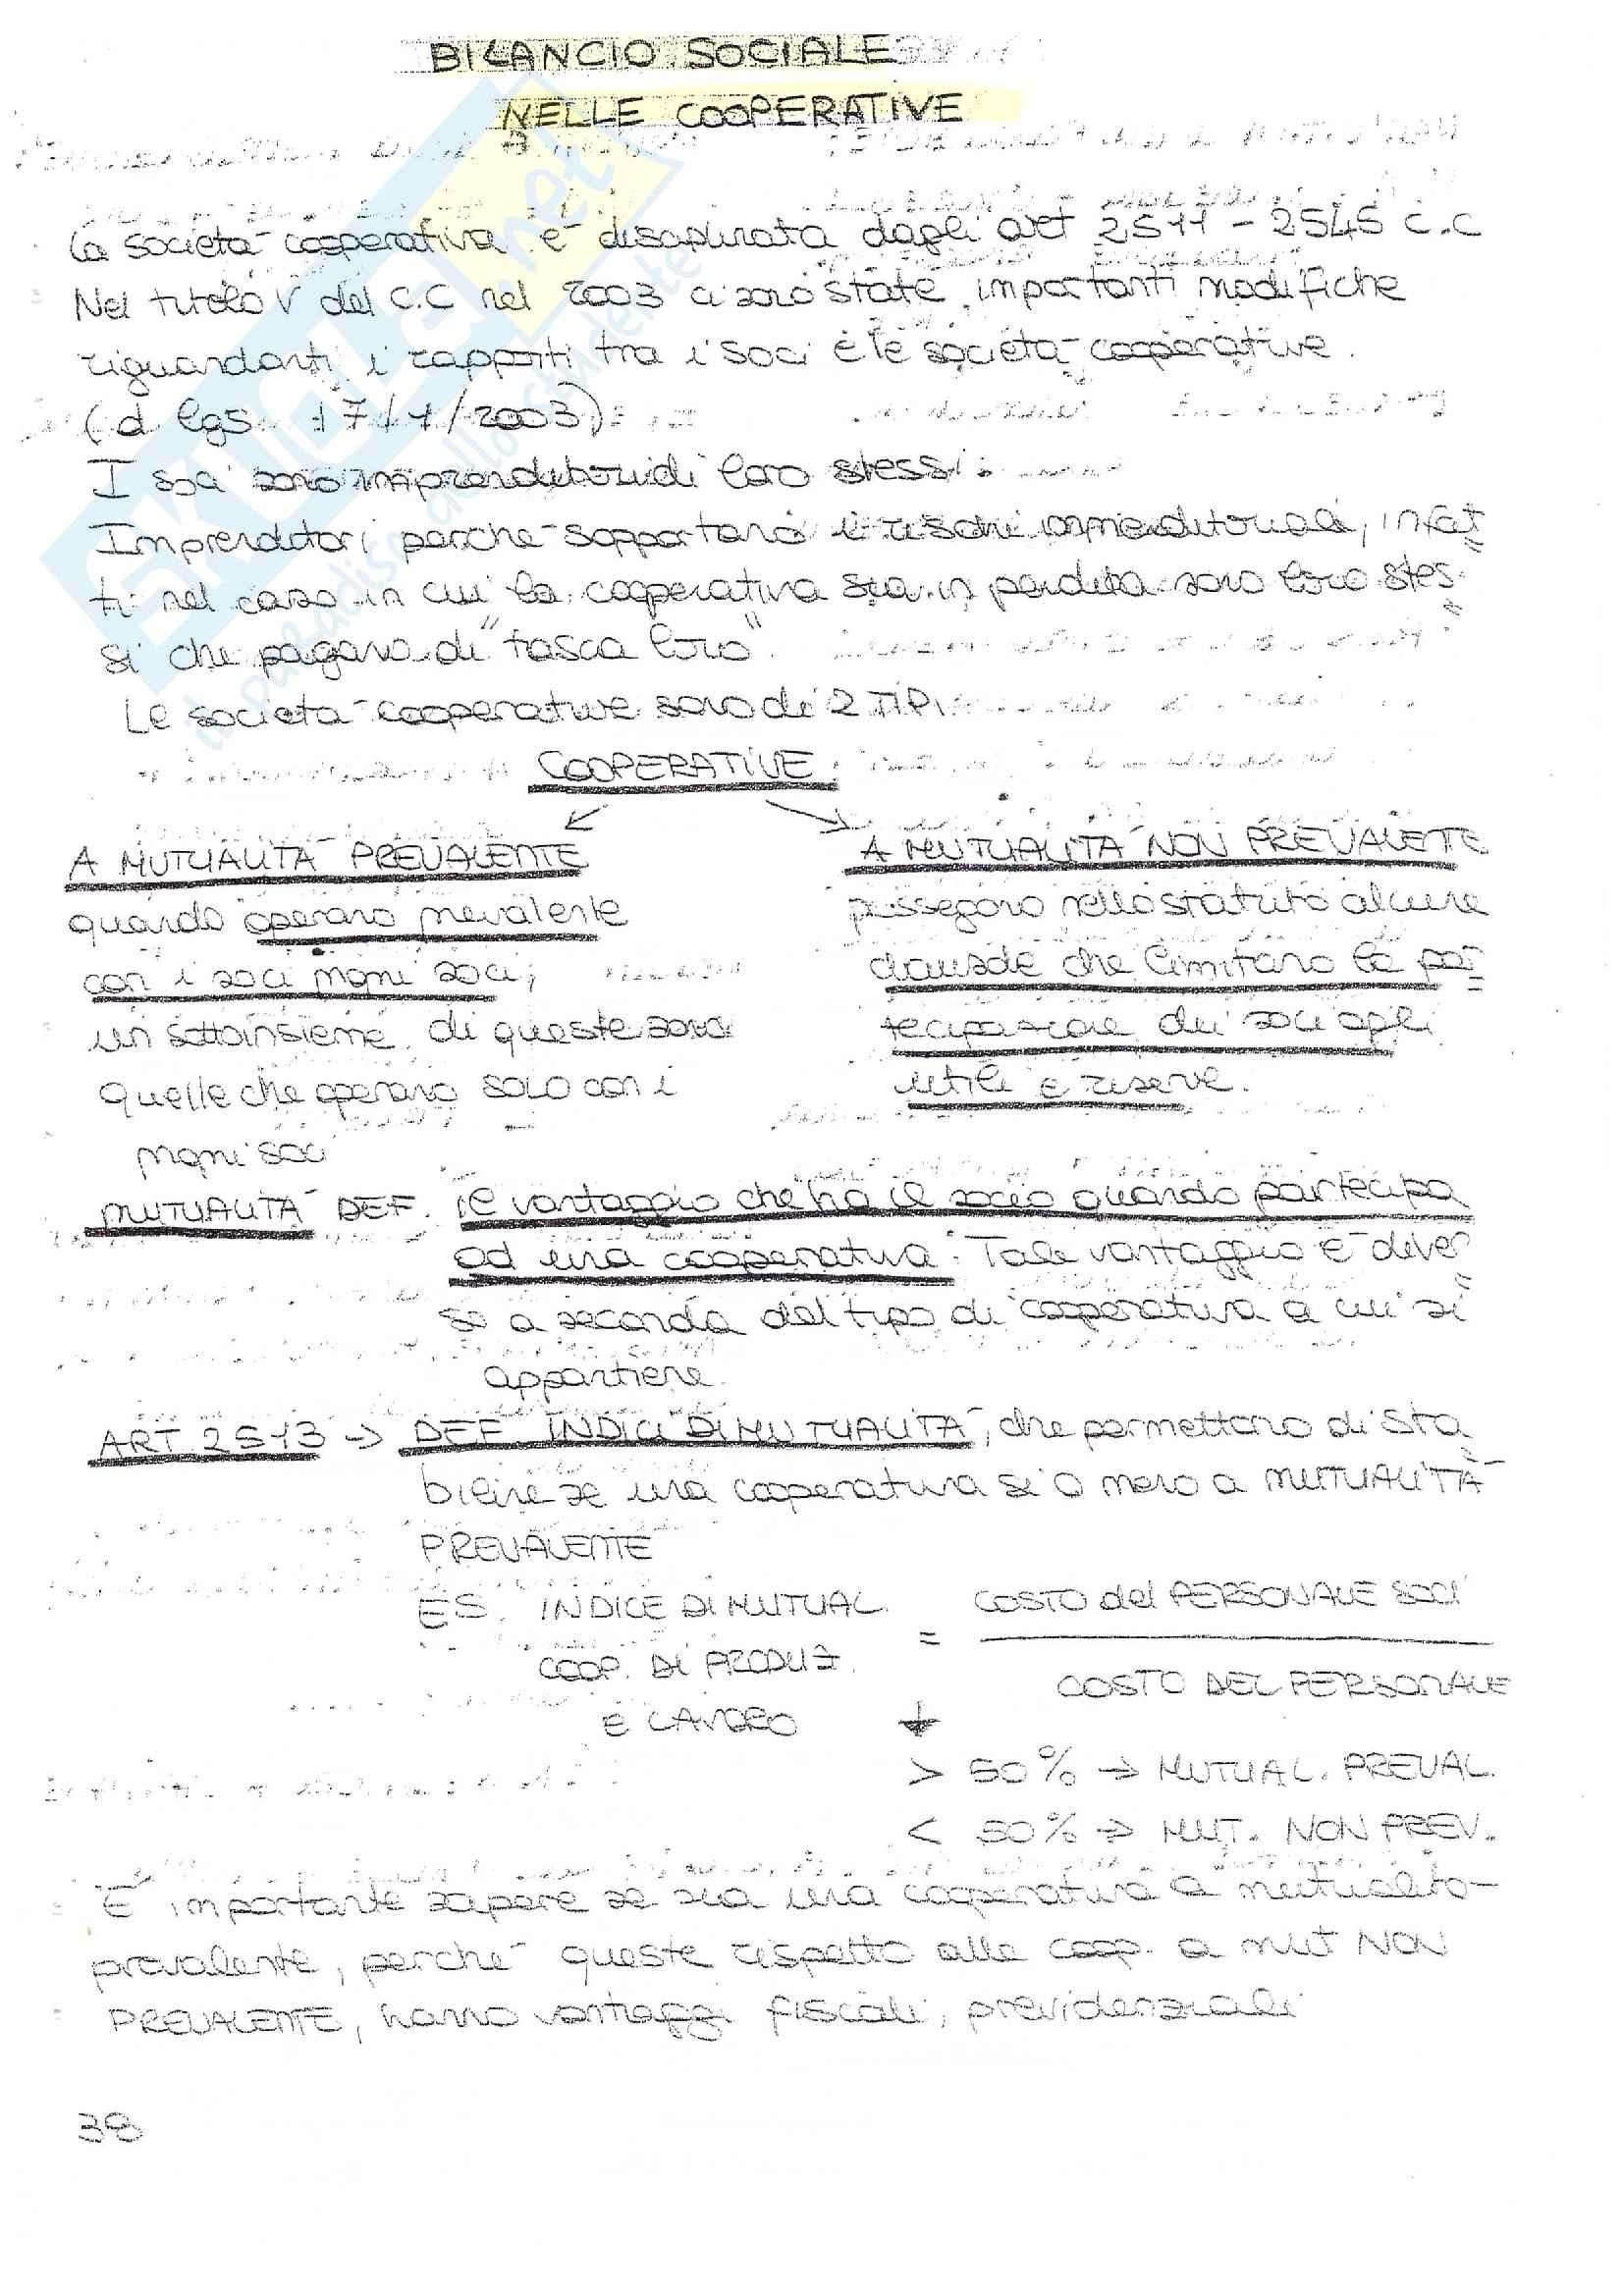 Bilancio Sociale - Appunti e Soluzioni Pag. 21